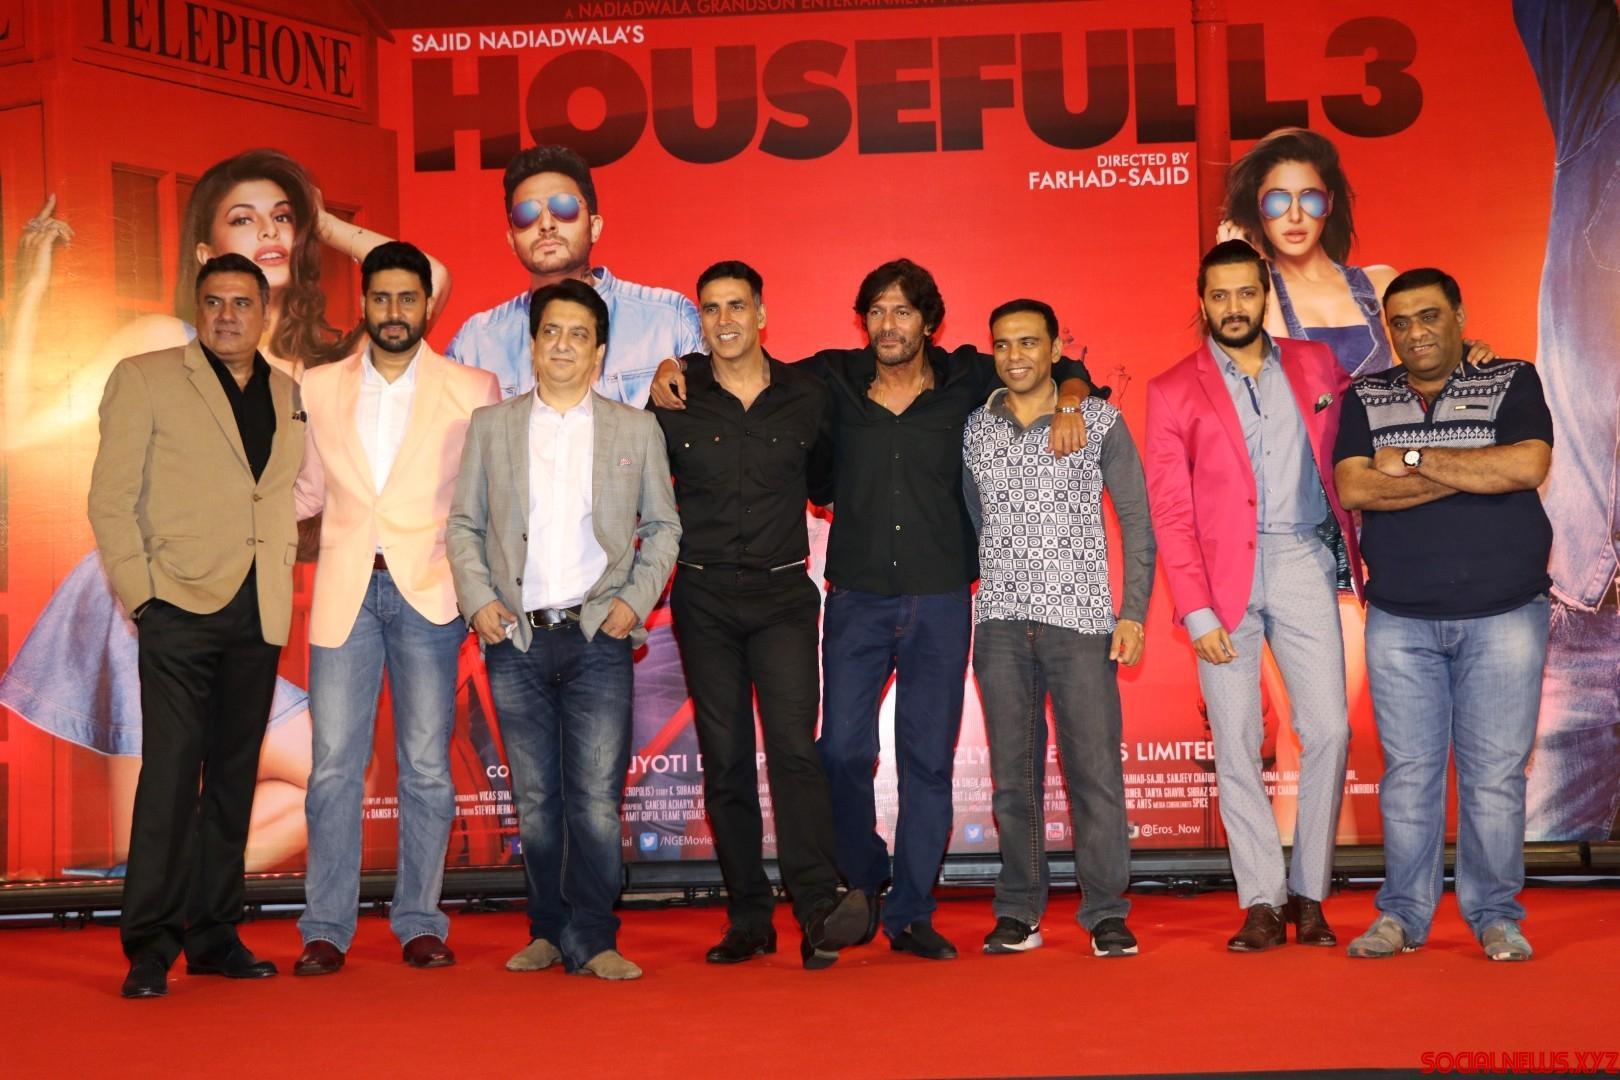 'Housefull 3' crosses Rs.100 crore mark